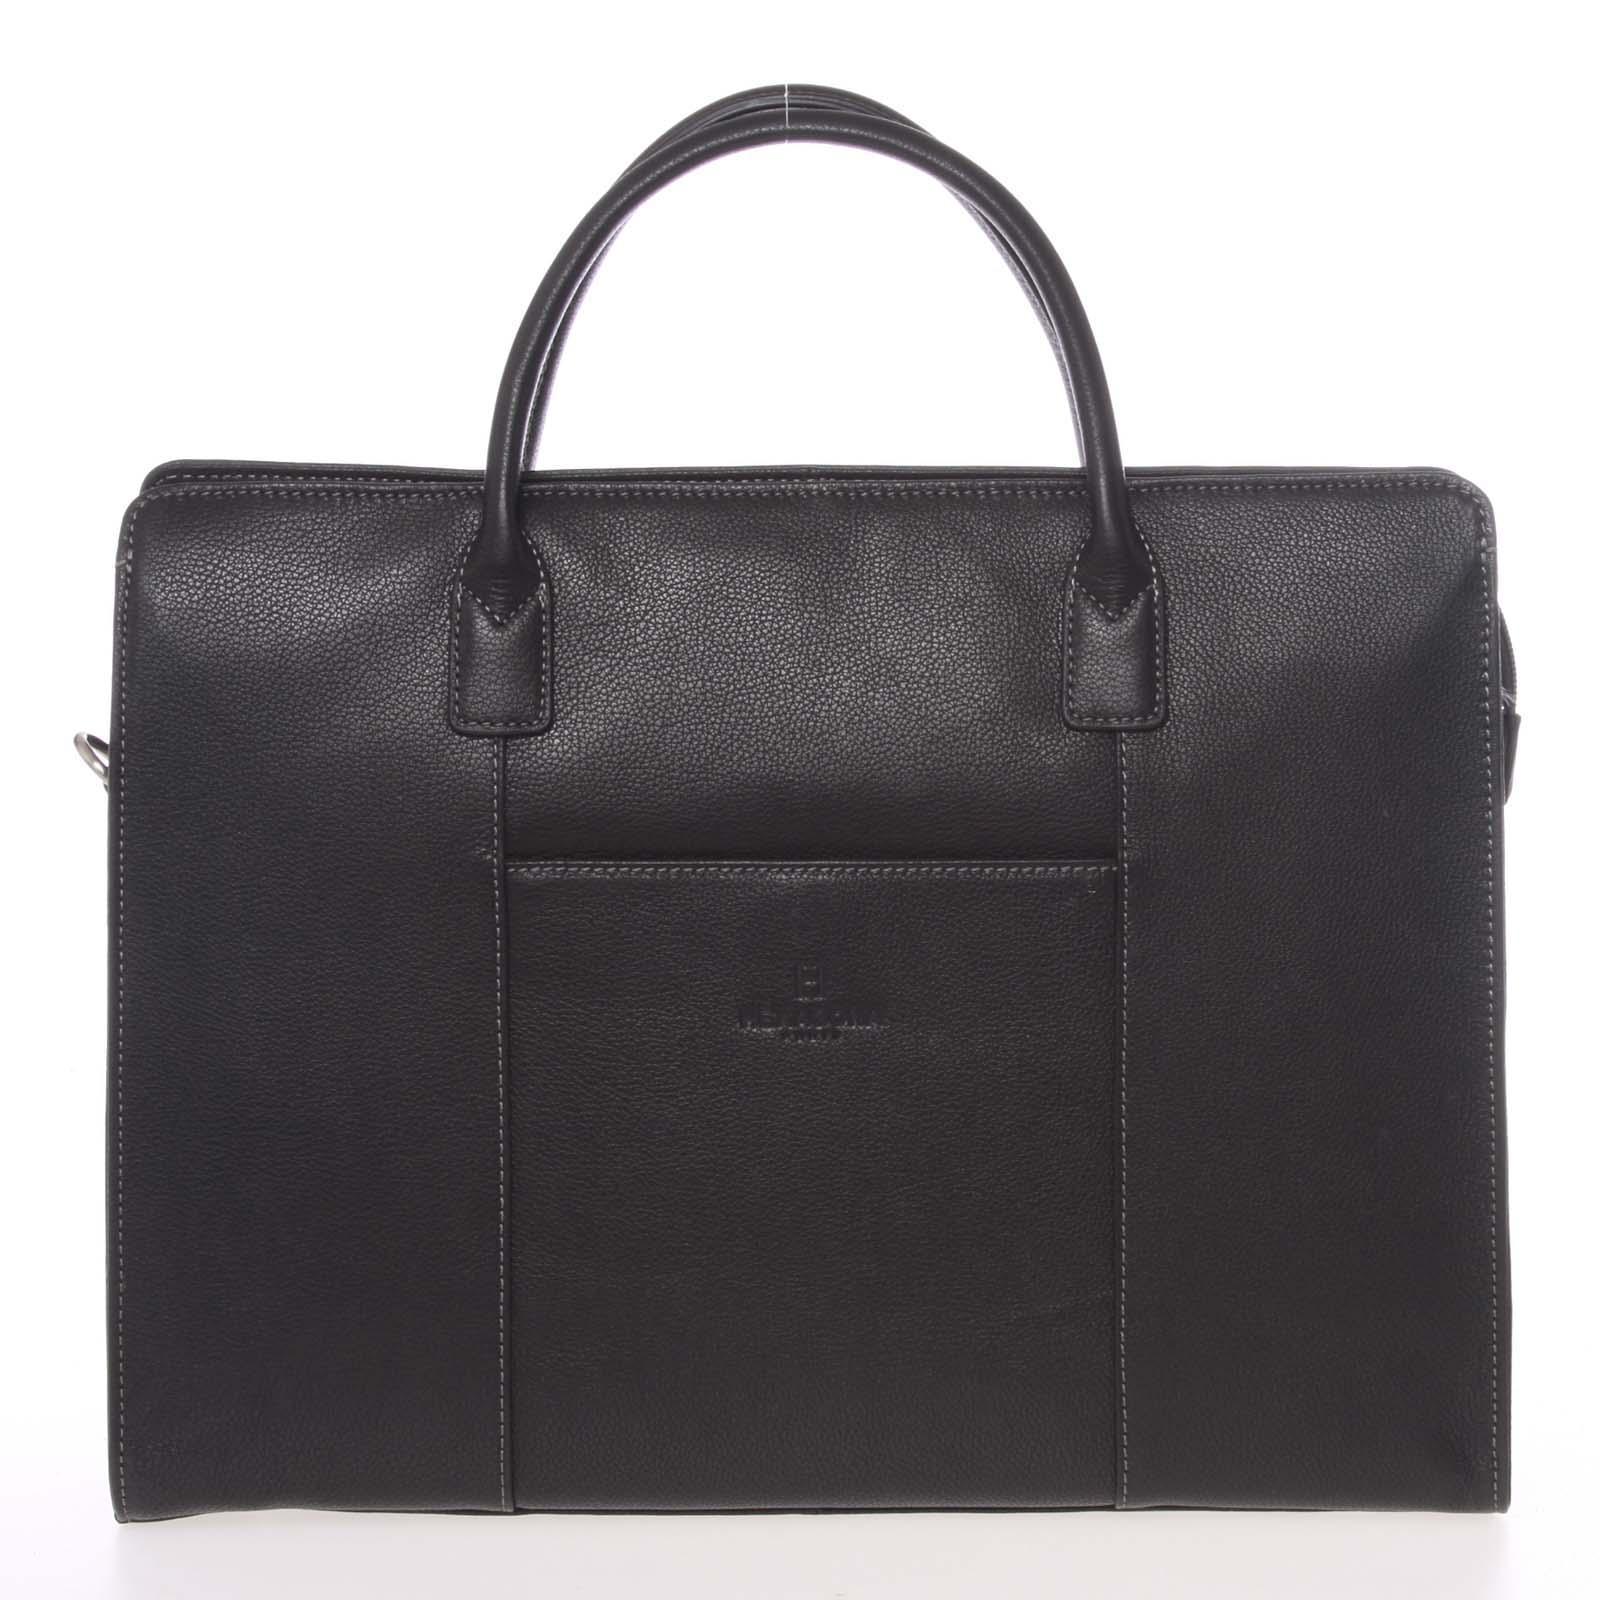 Dámska kabelka čierna kožená - Hexagona 462698